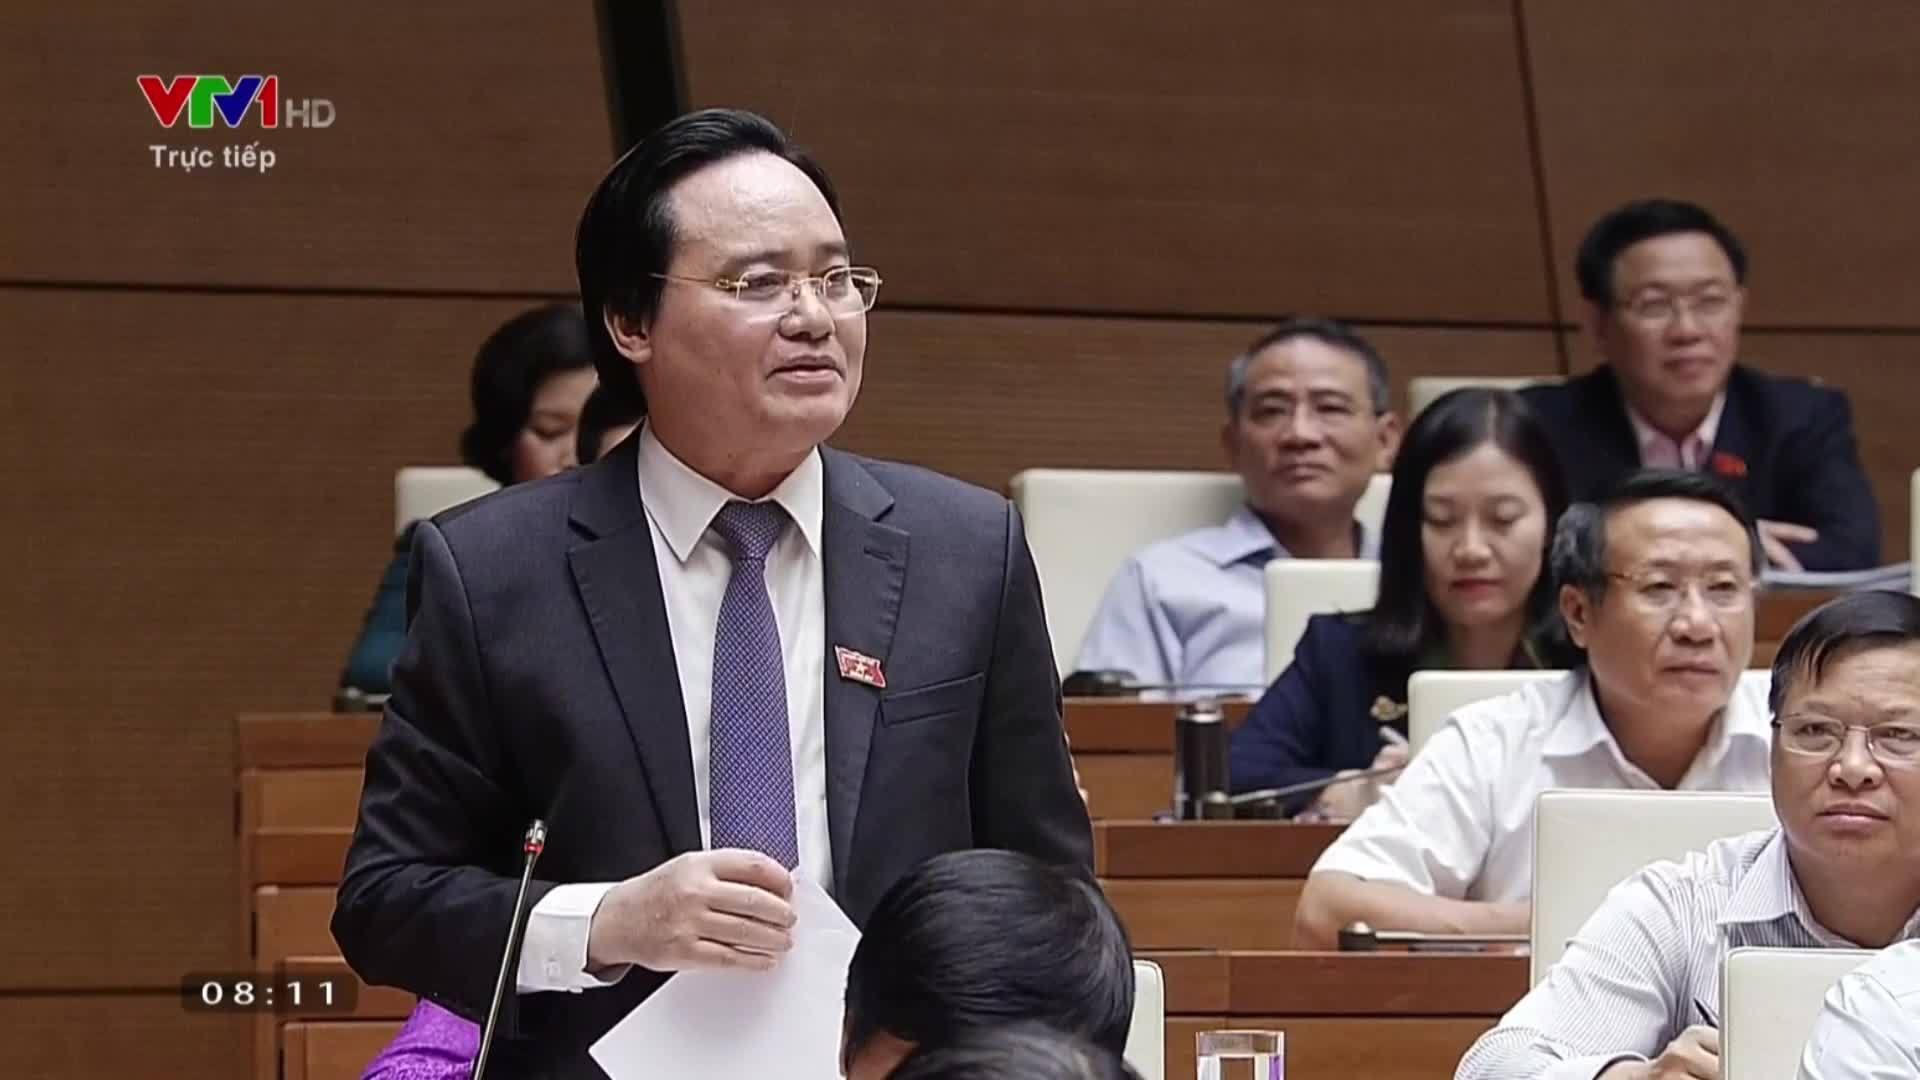 Bộ trưởng Phùng Xuân Nhạ nói về nghị định sinh viên bán dâm